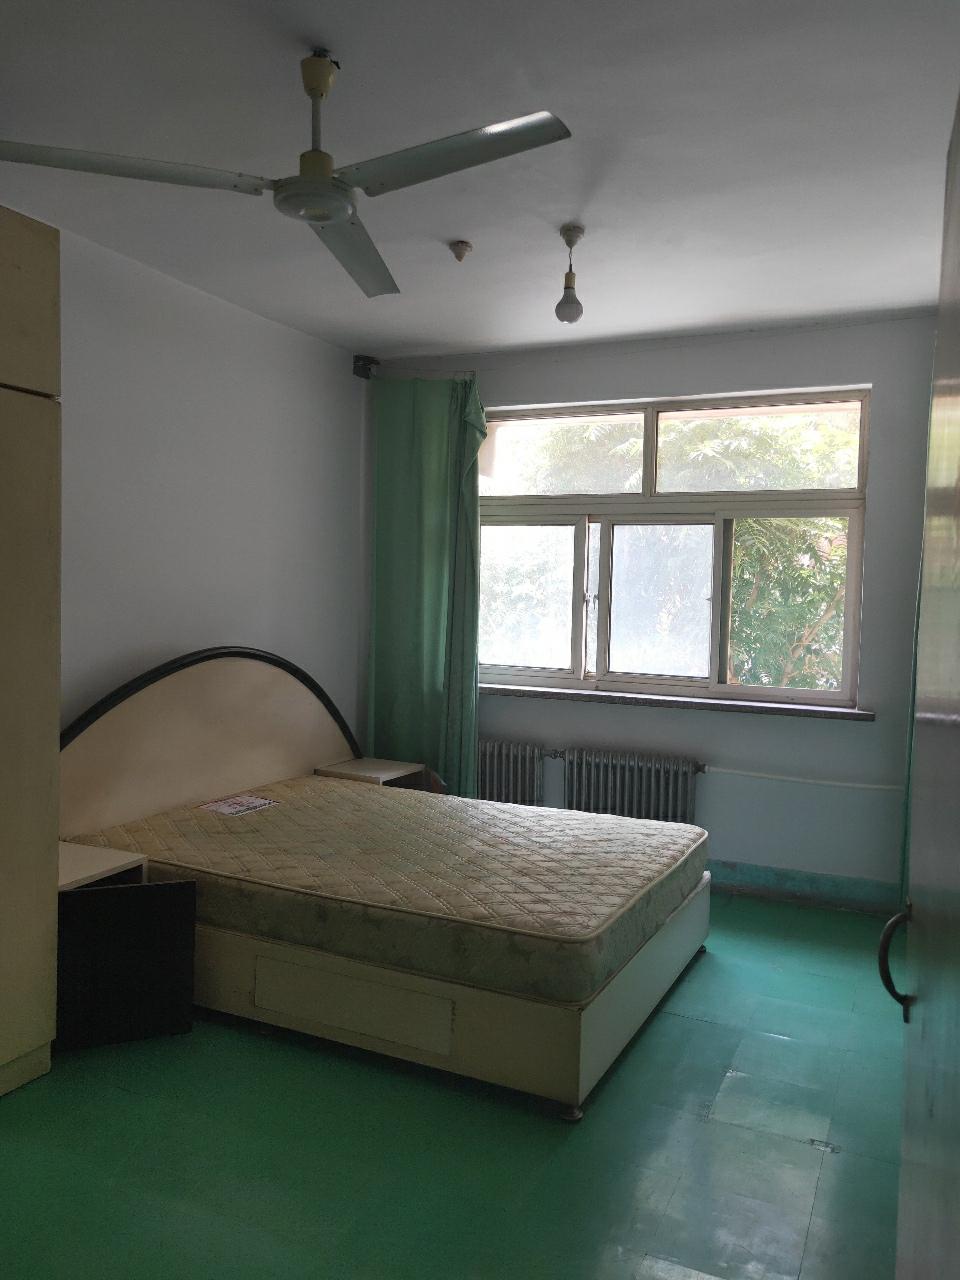 正和家属院上一小实验中学2室2厅1卫82平53万元